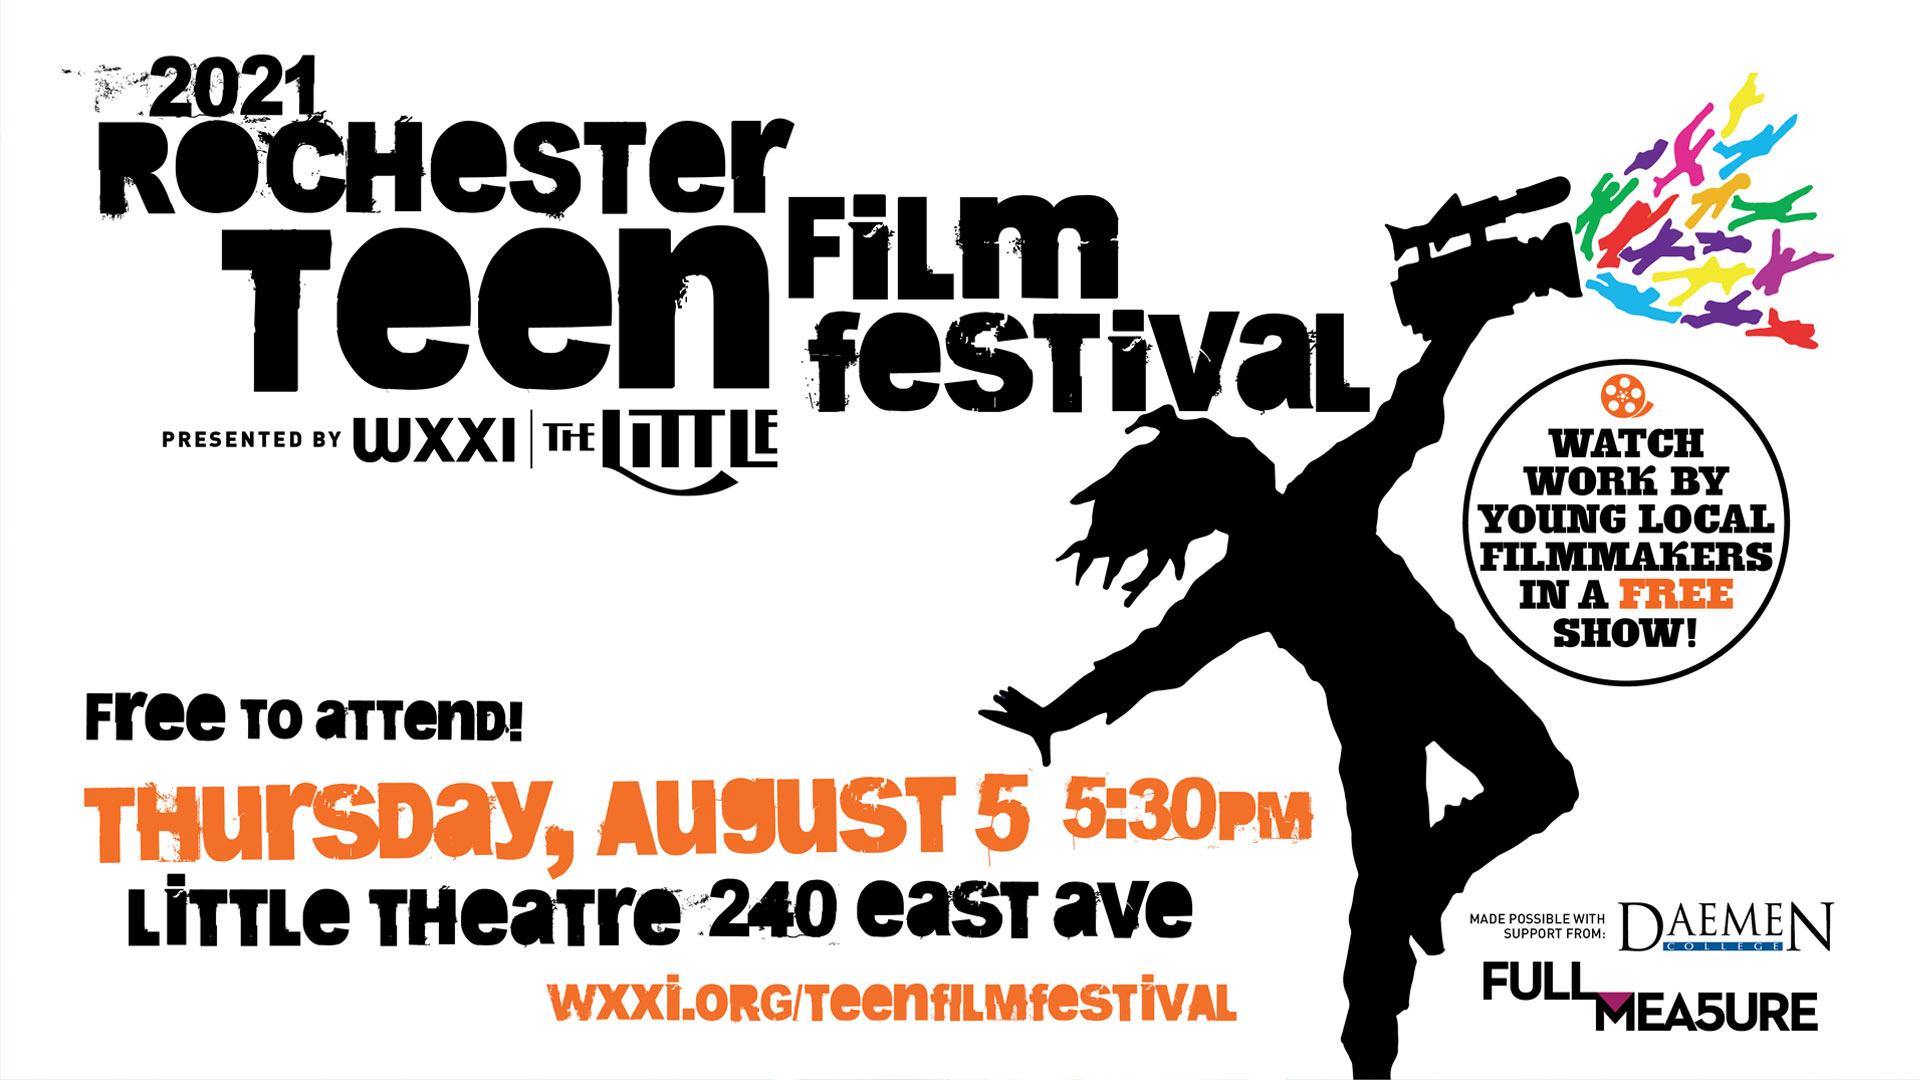 Rochester Teen Film Festival